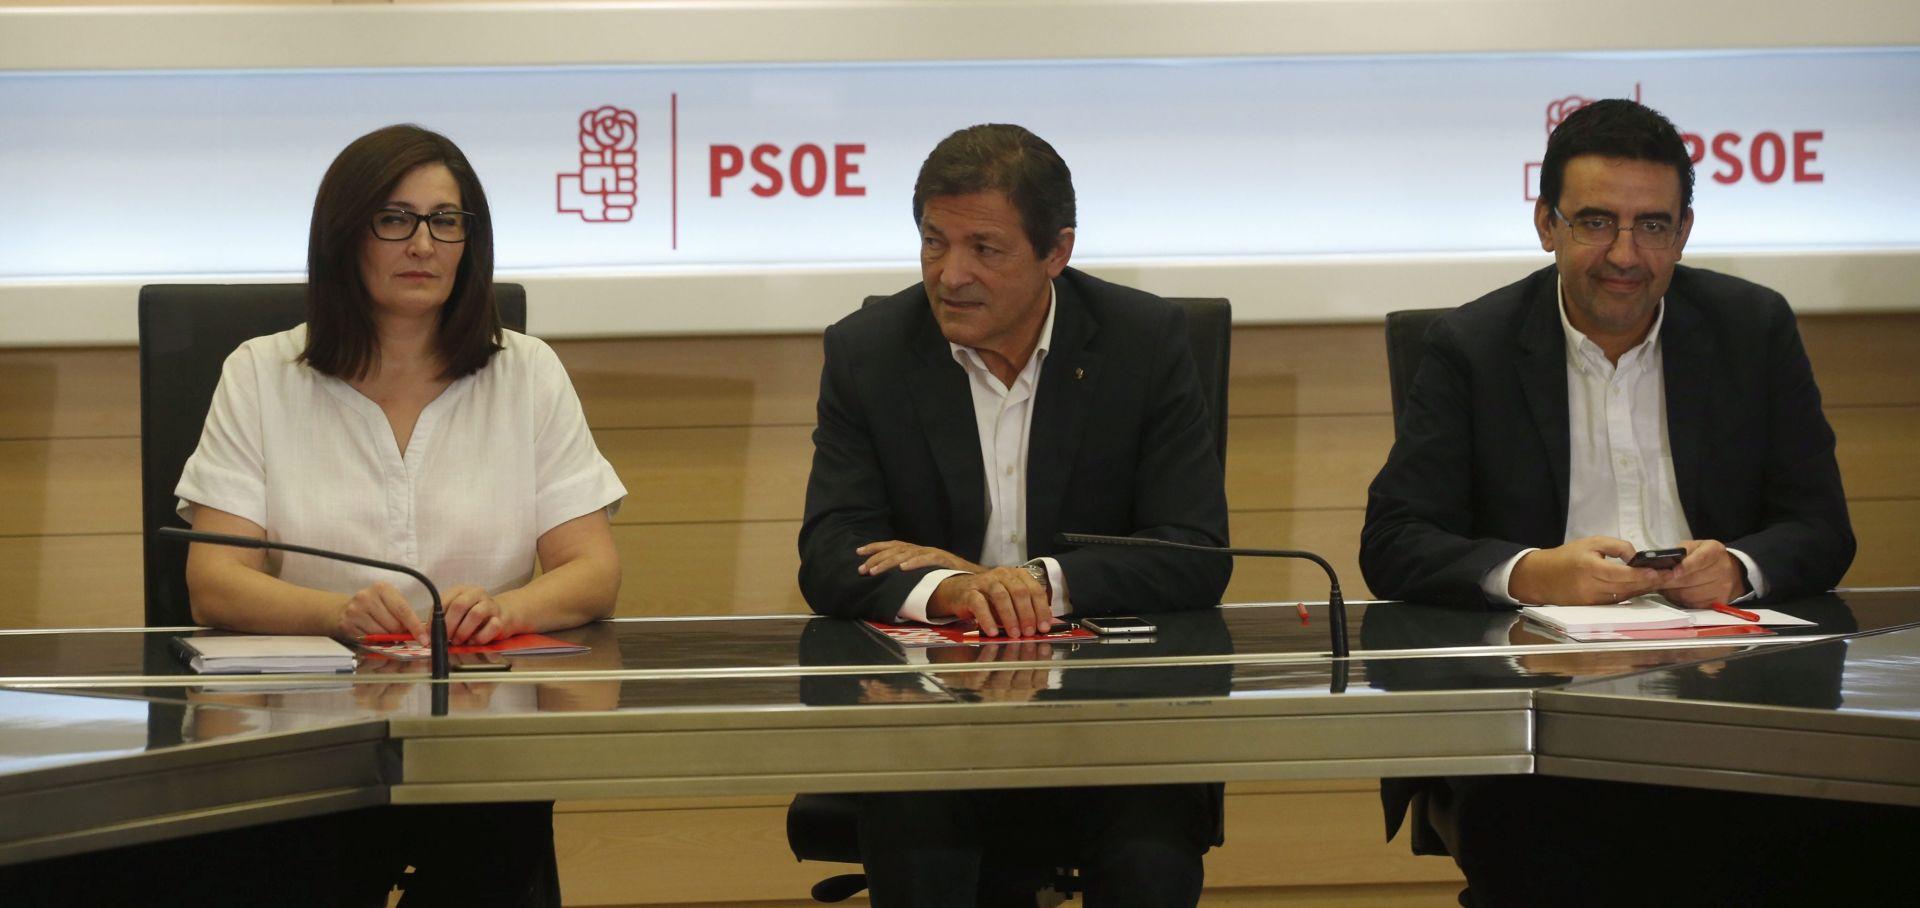 Španjolski socijalisti pustit će Rajoya da formira novu vladu